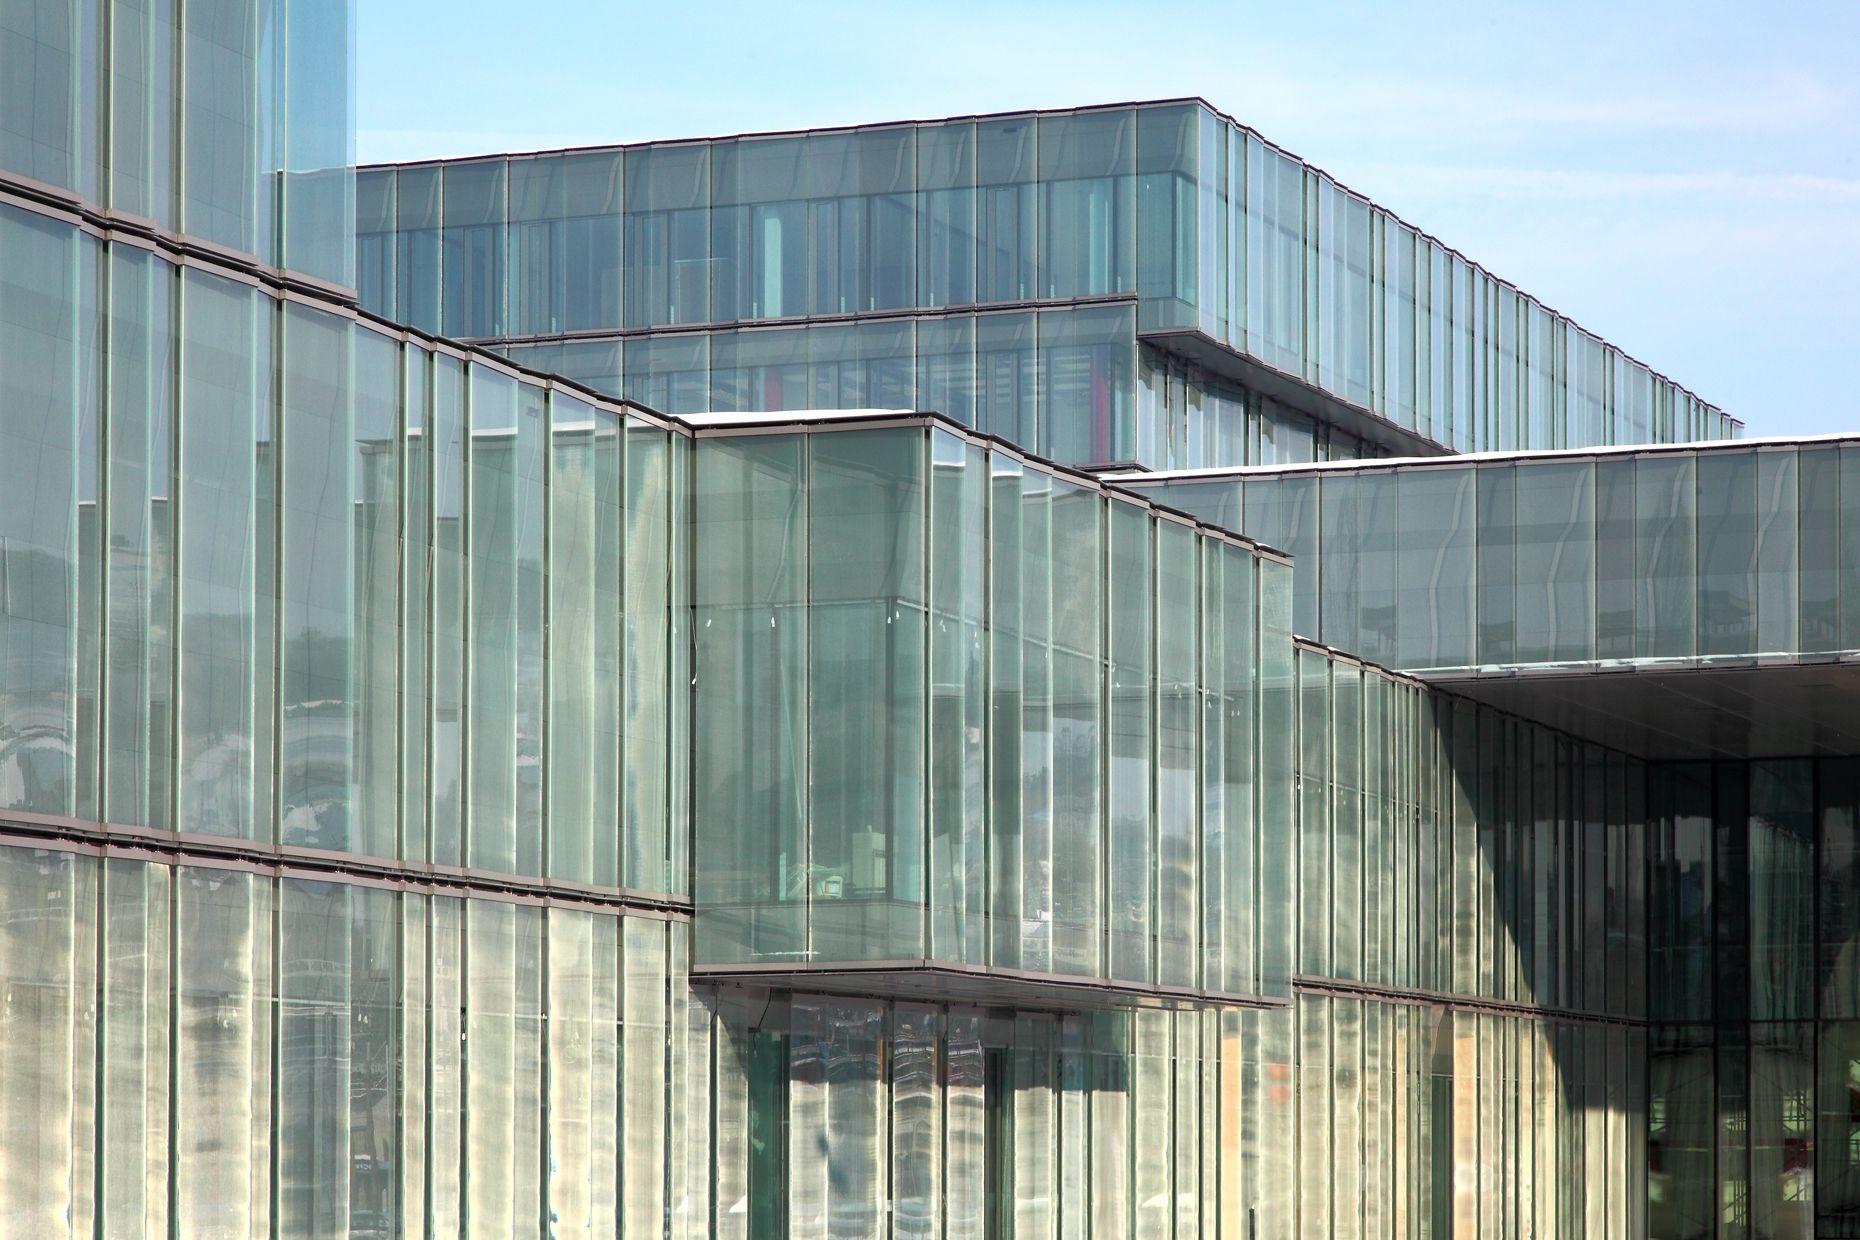 Glass Facade Laminated Sefar Architecture Vision Fabric Facade